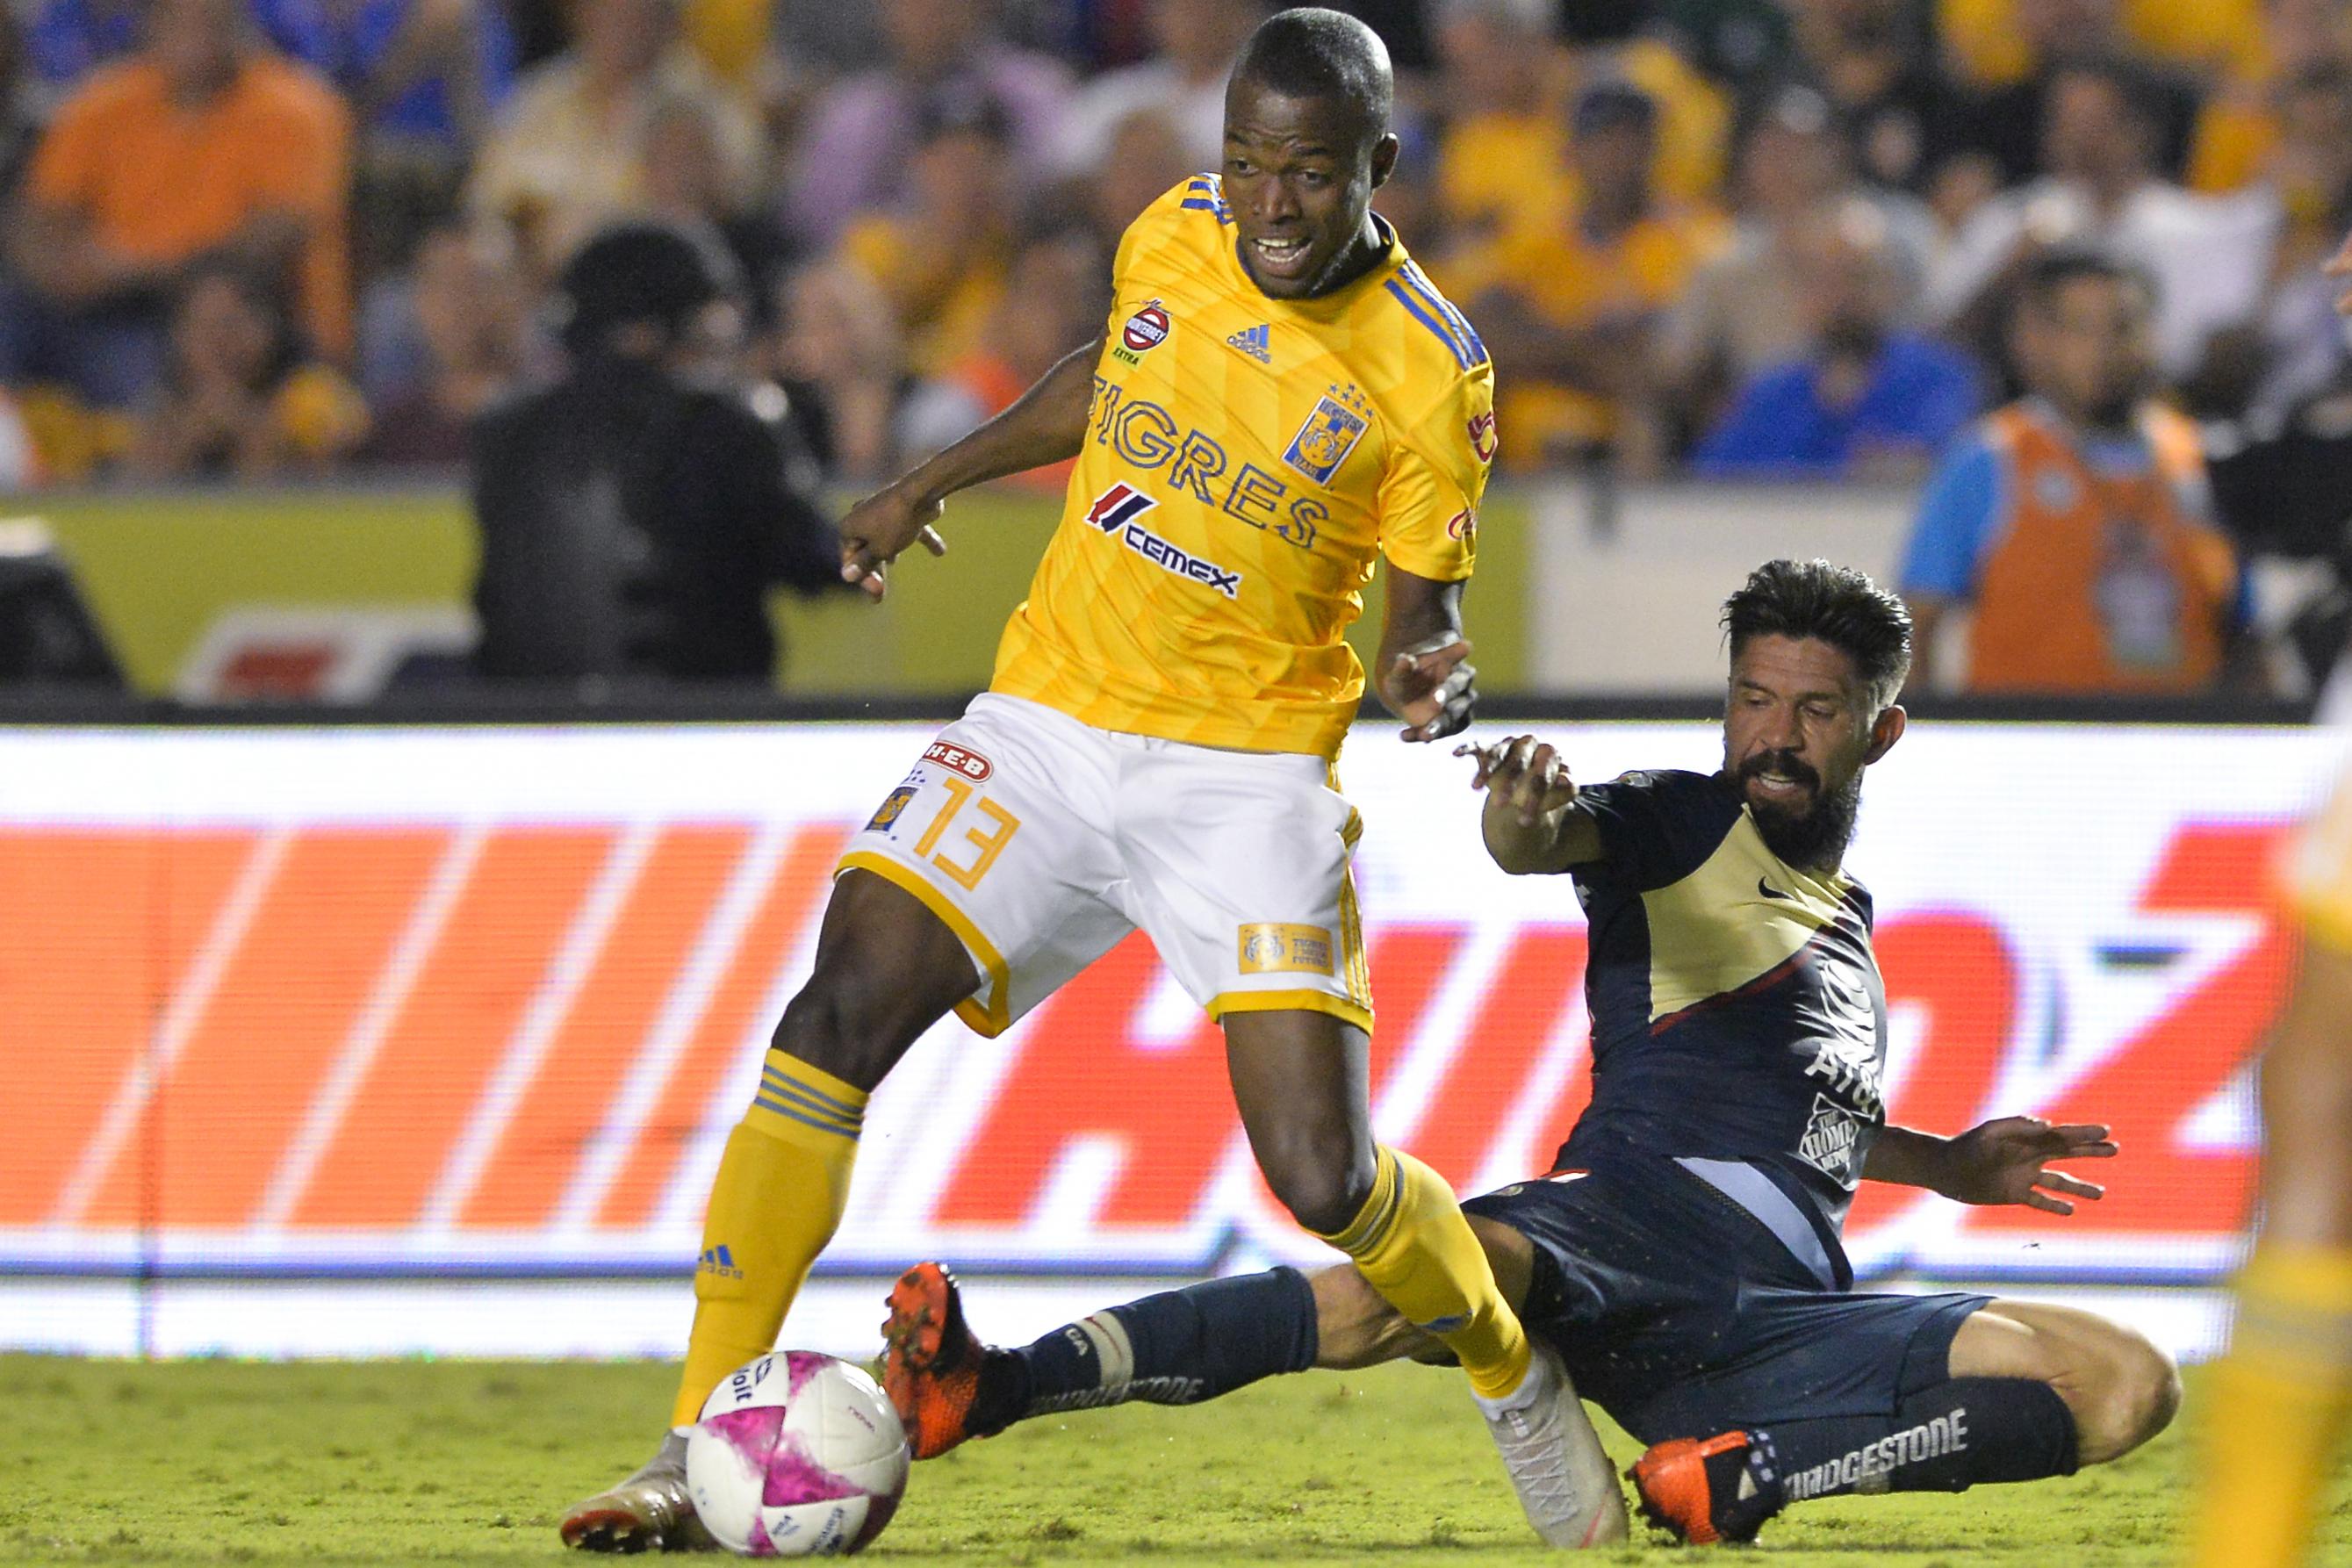 Resultado de imagen para Tigres vs América apertura 2018